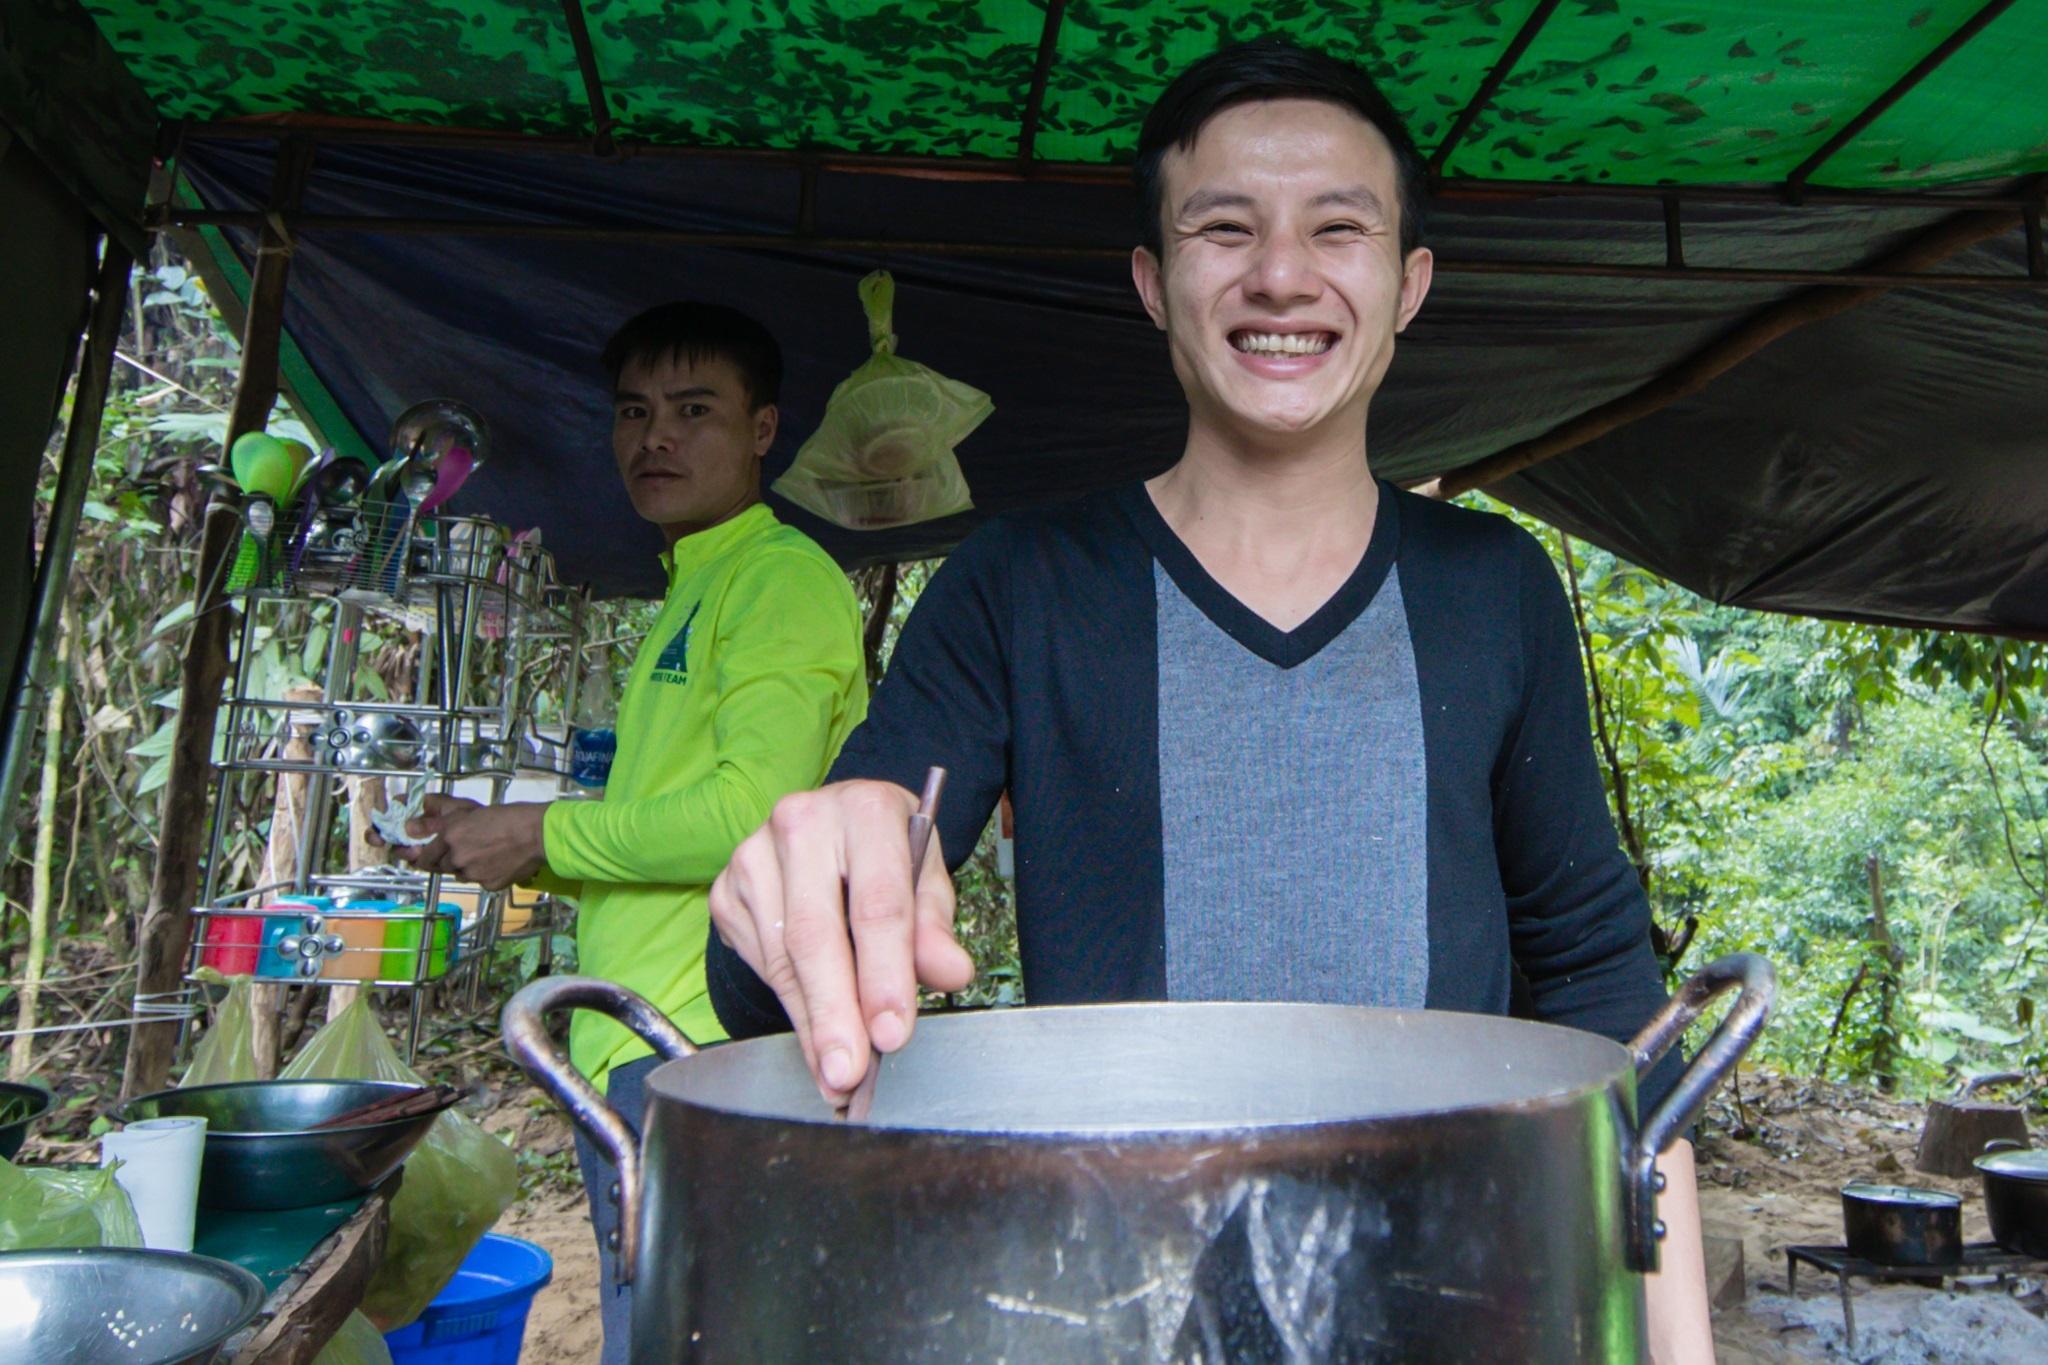 Hang dong 5 trieu tuoi it nguoi biet o Viet Nam hinh anh 22